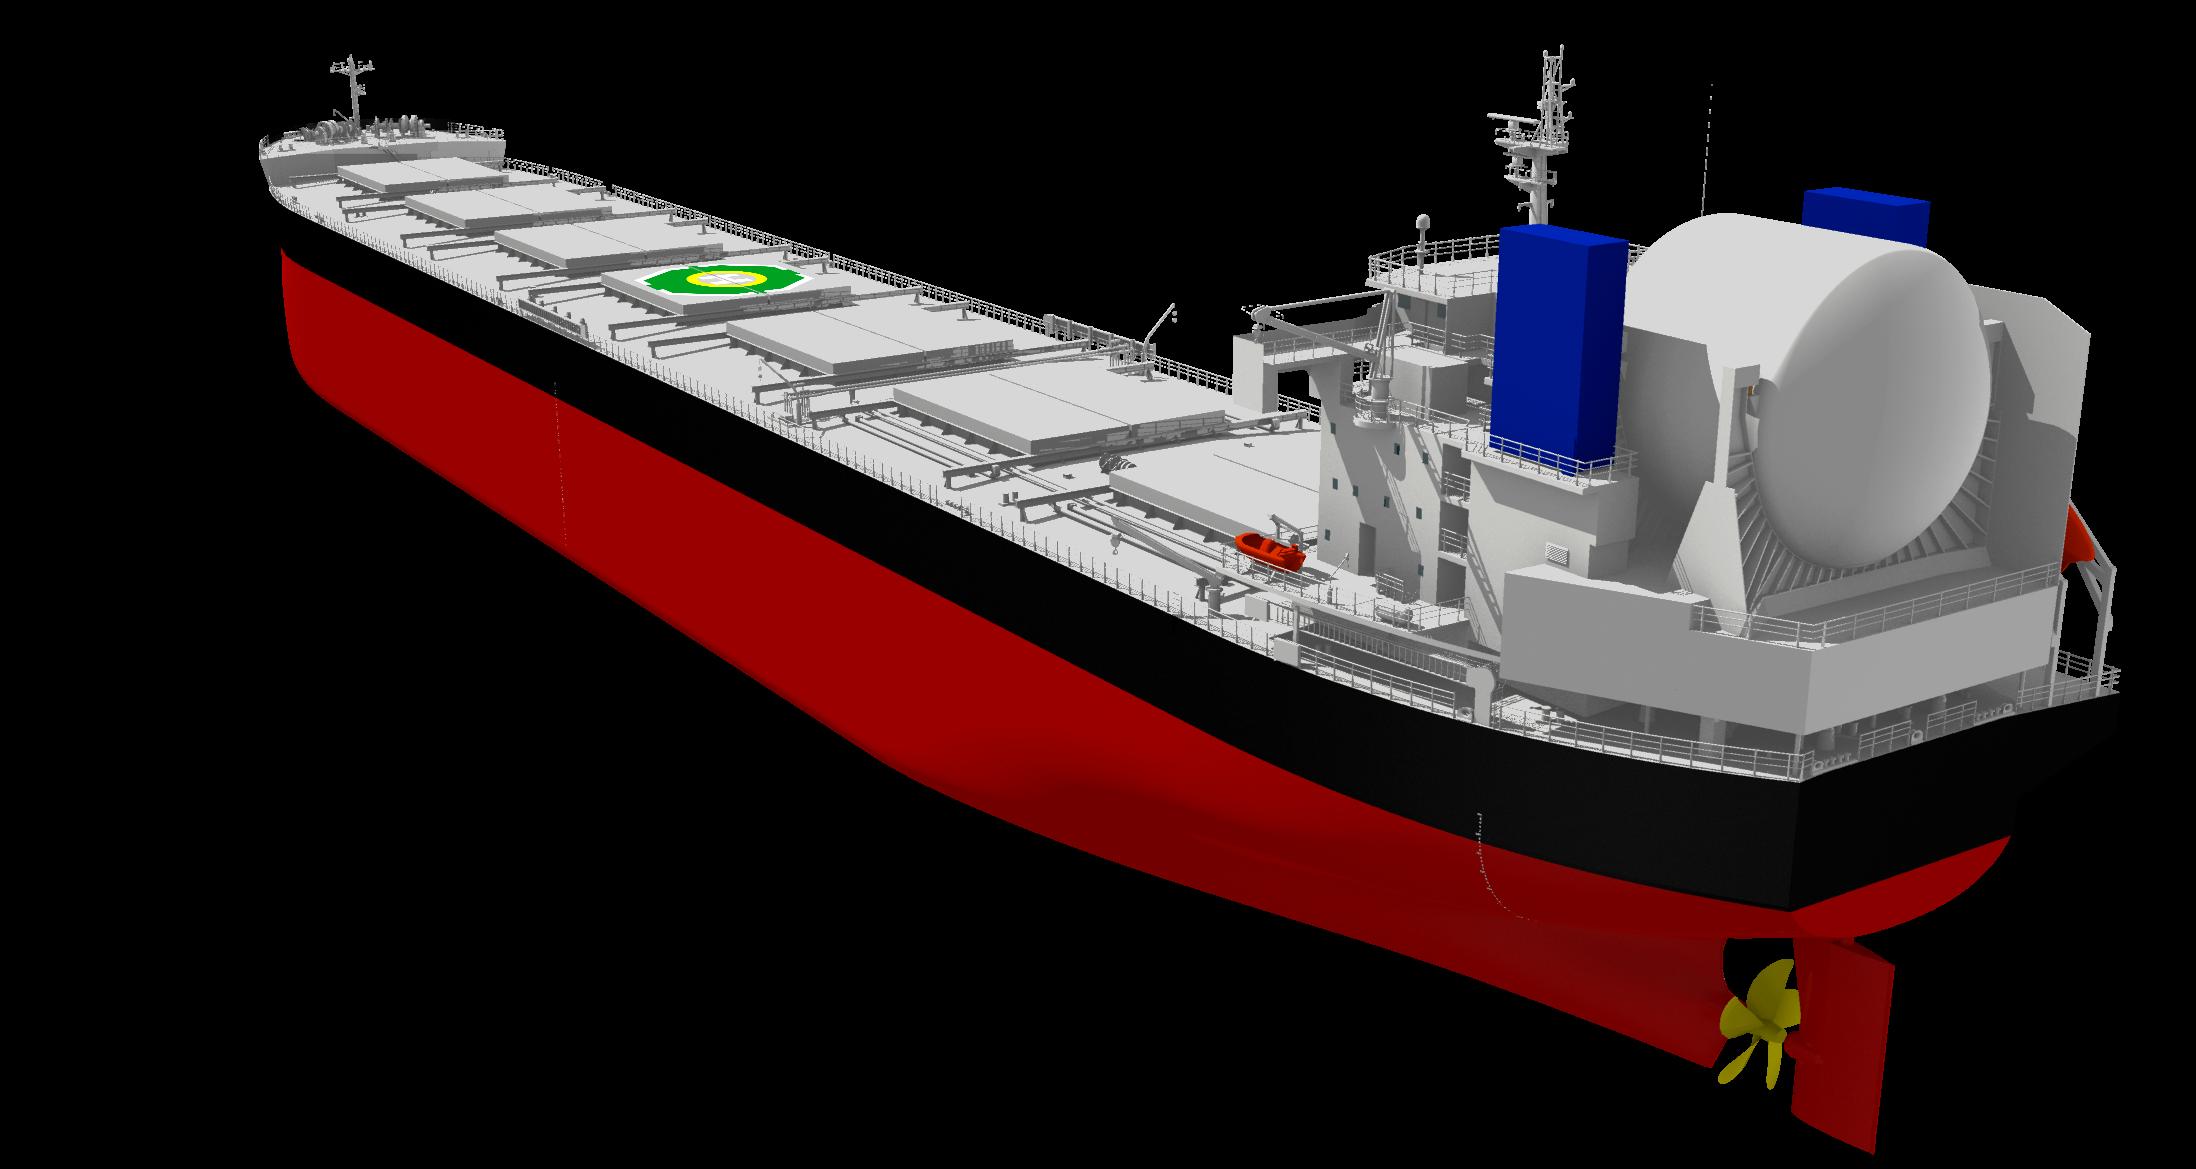 常石造船 LNG燃料ばら積み貨物船「KAMSARMAX GF」の基本設計承認(AIP)を取得  ~EEDI基準値比でCO₂を40%削減~